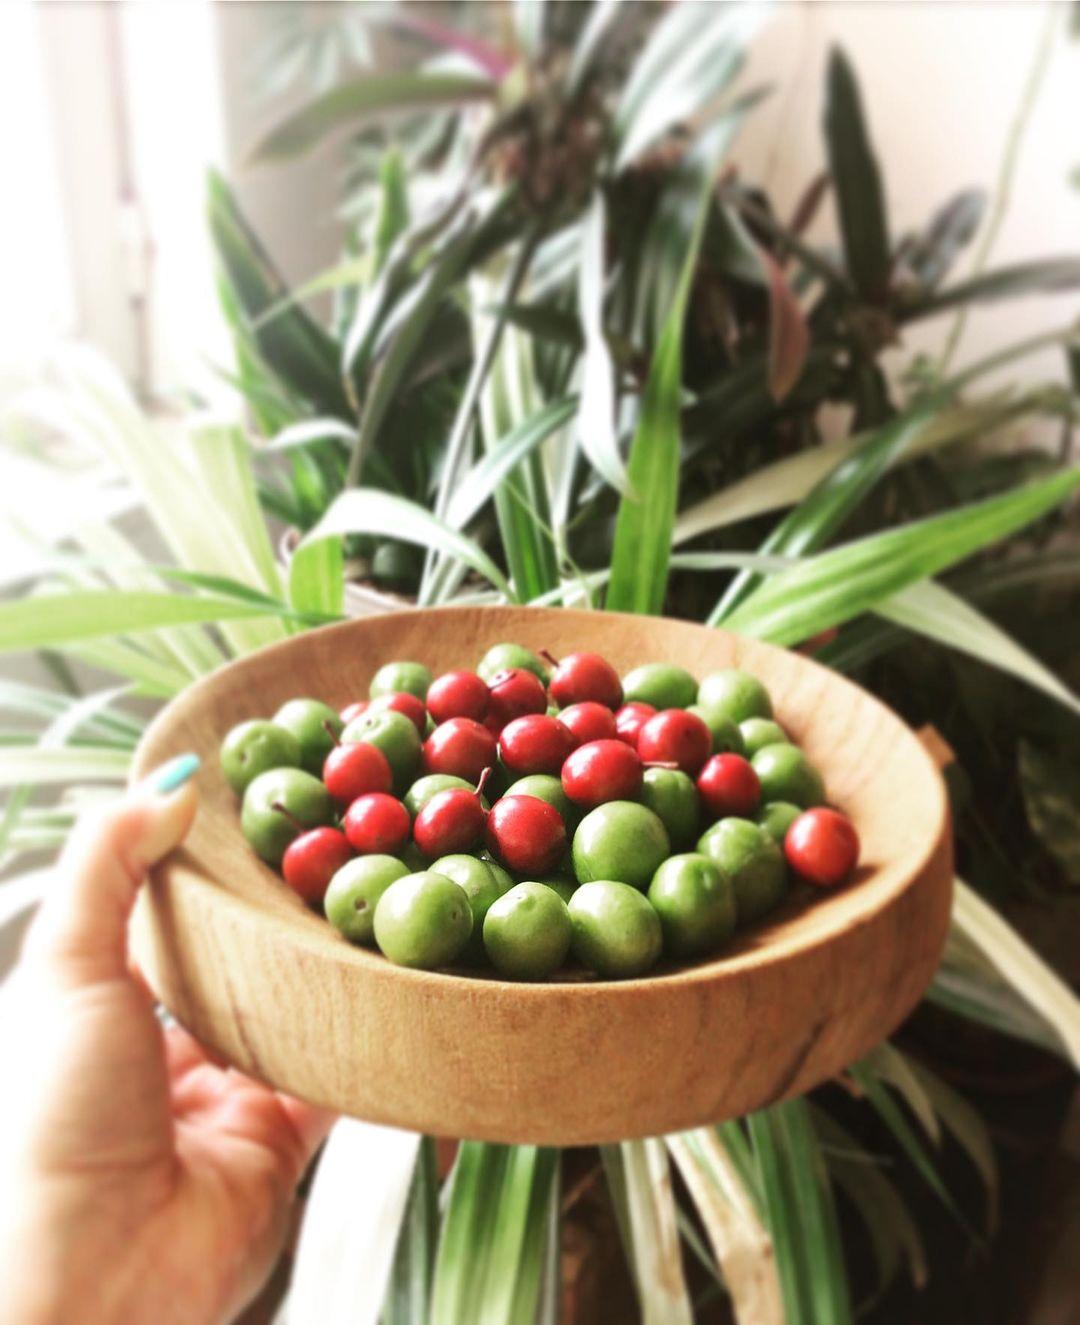 استوری اینستاگرام عکس گوجه سبز و آلبالو